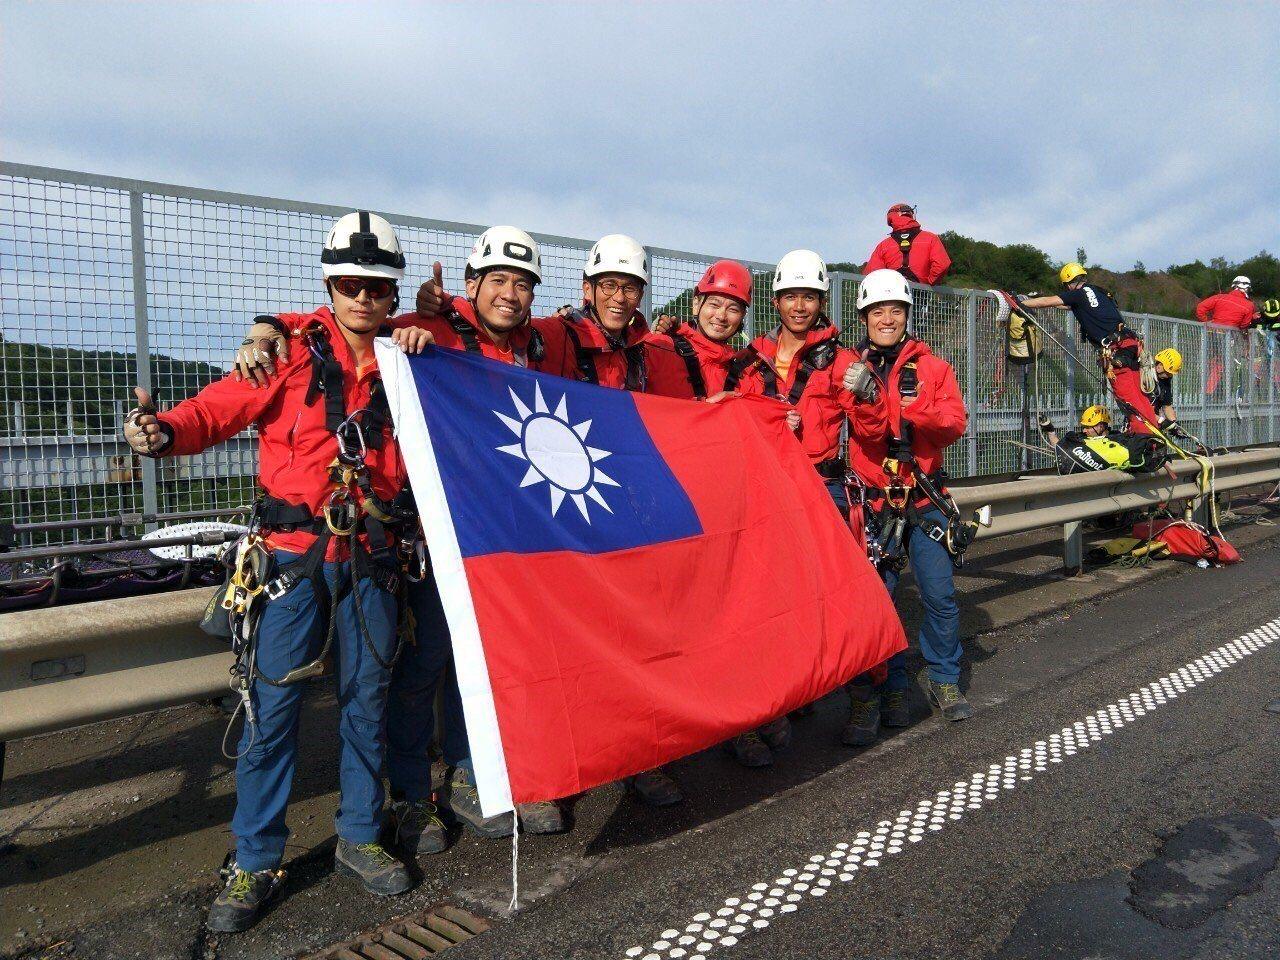 嘉義市政府消防局第二大隊東區分隊隊員章名慶是高雄繩索救援隊成員,日前與救援隊遠赴...